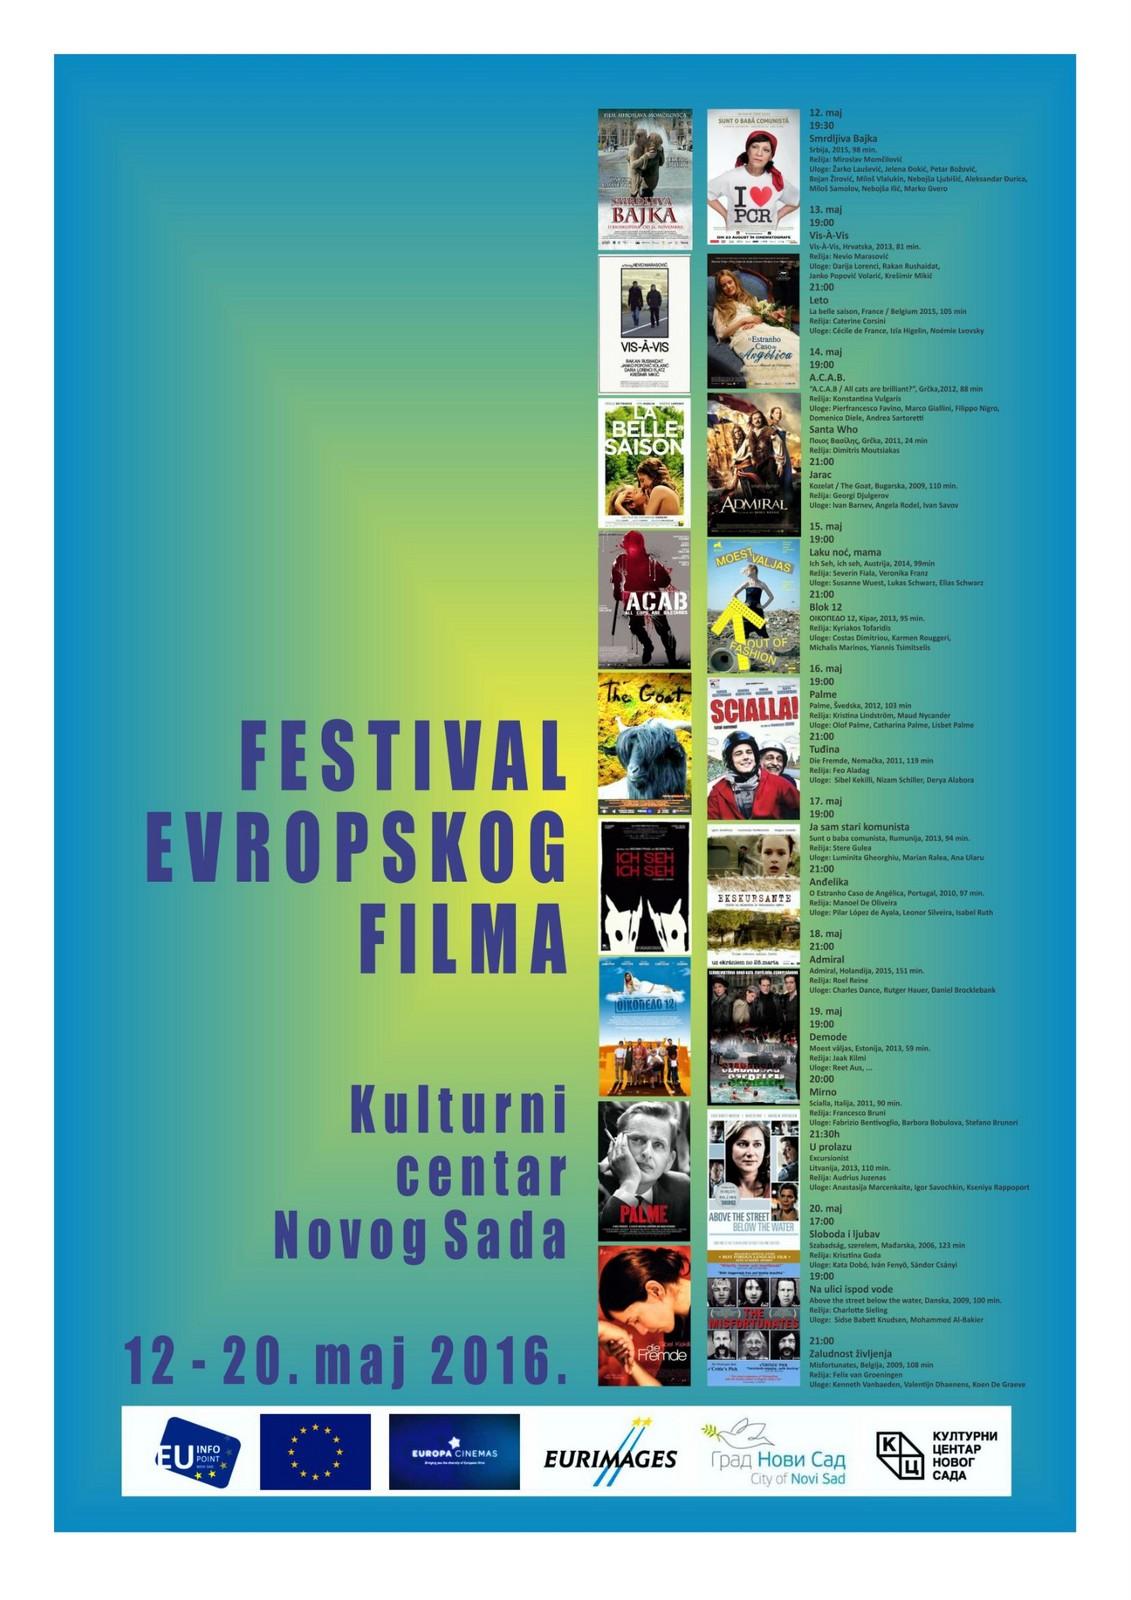 1. Program festivala